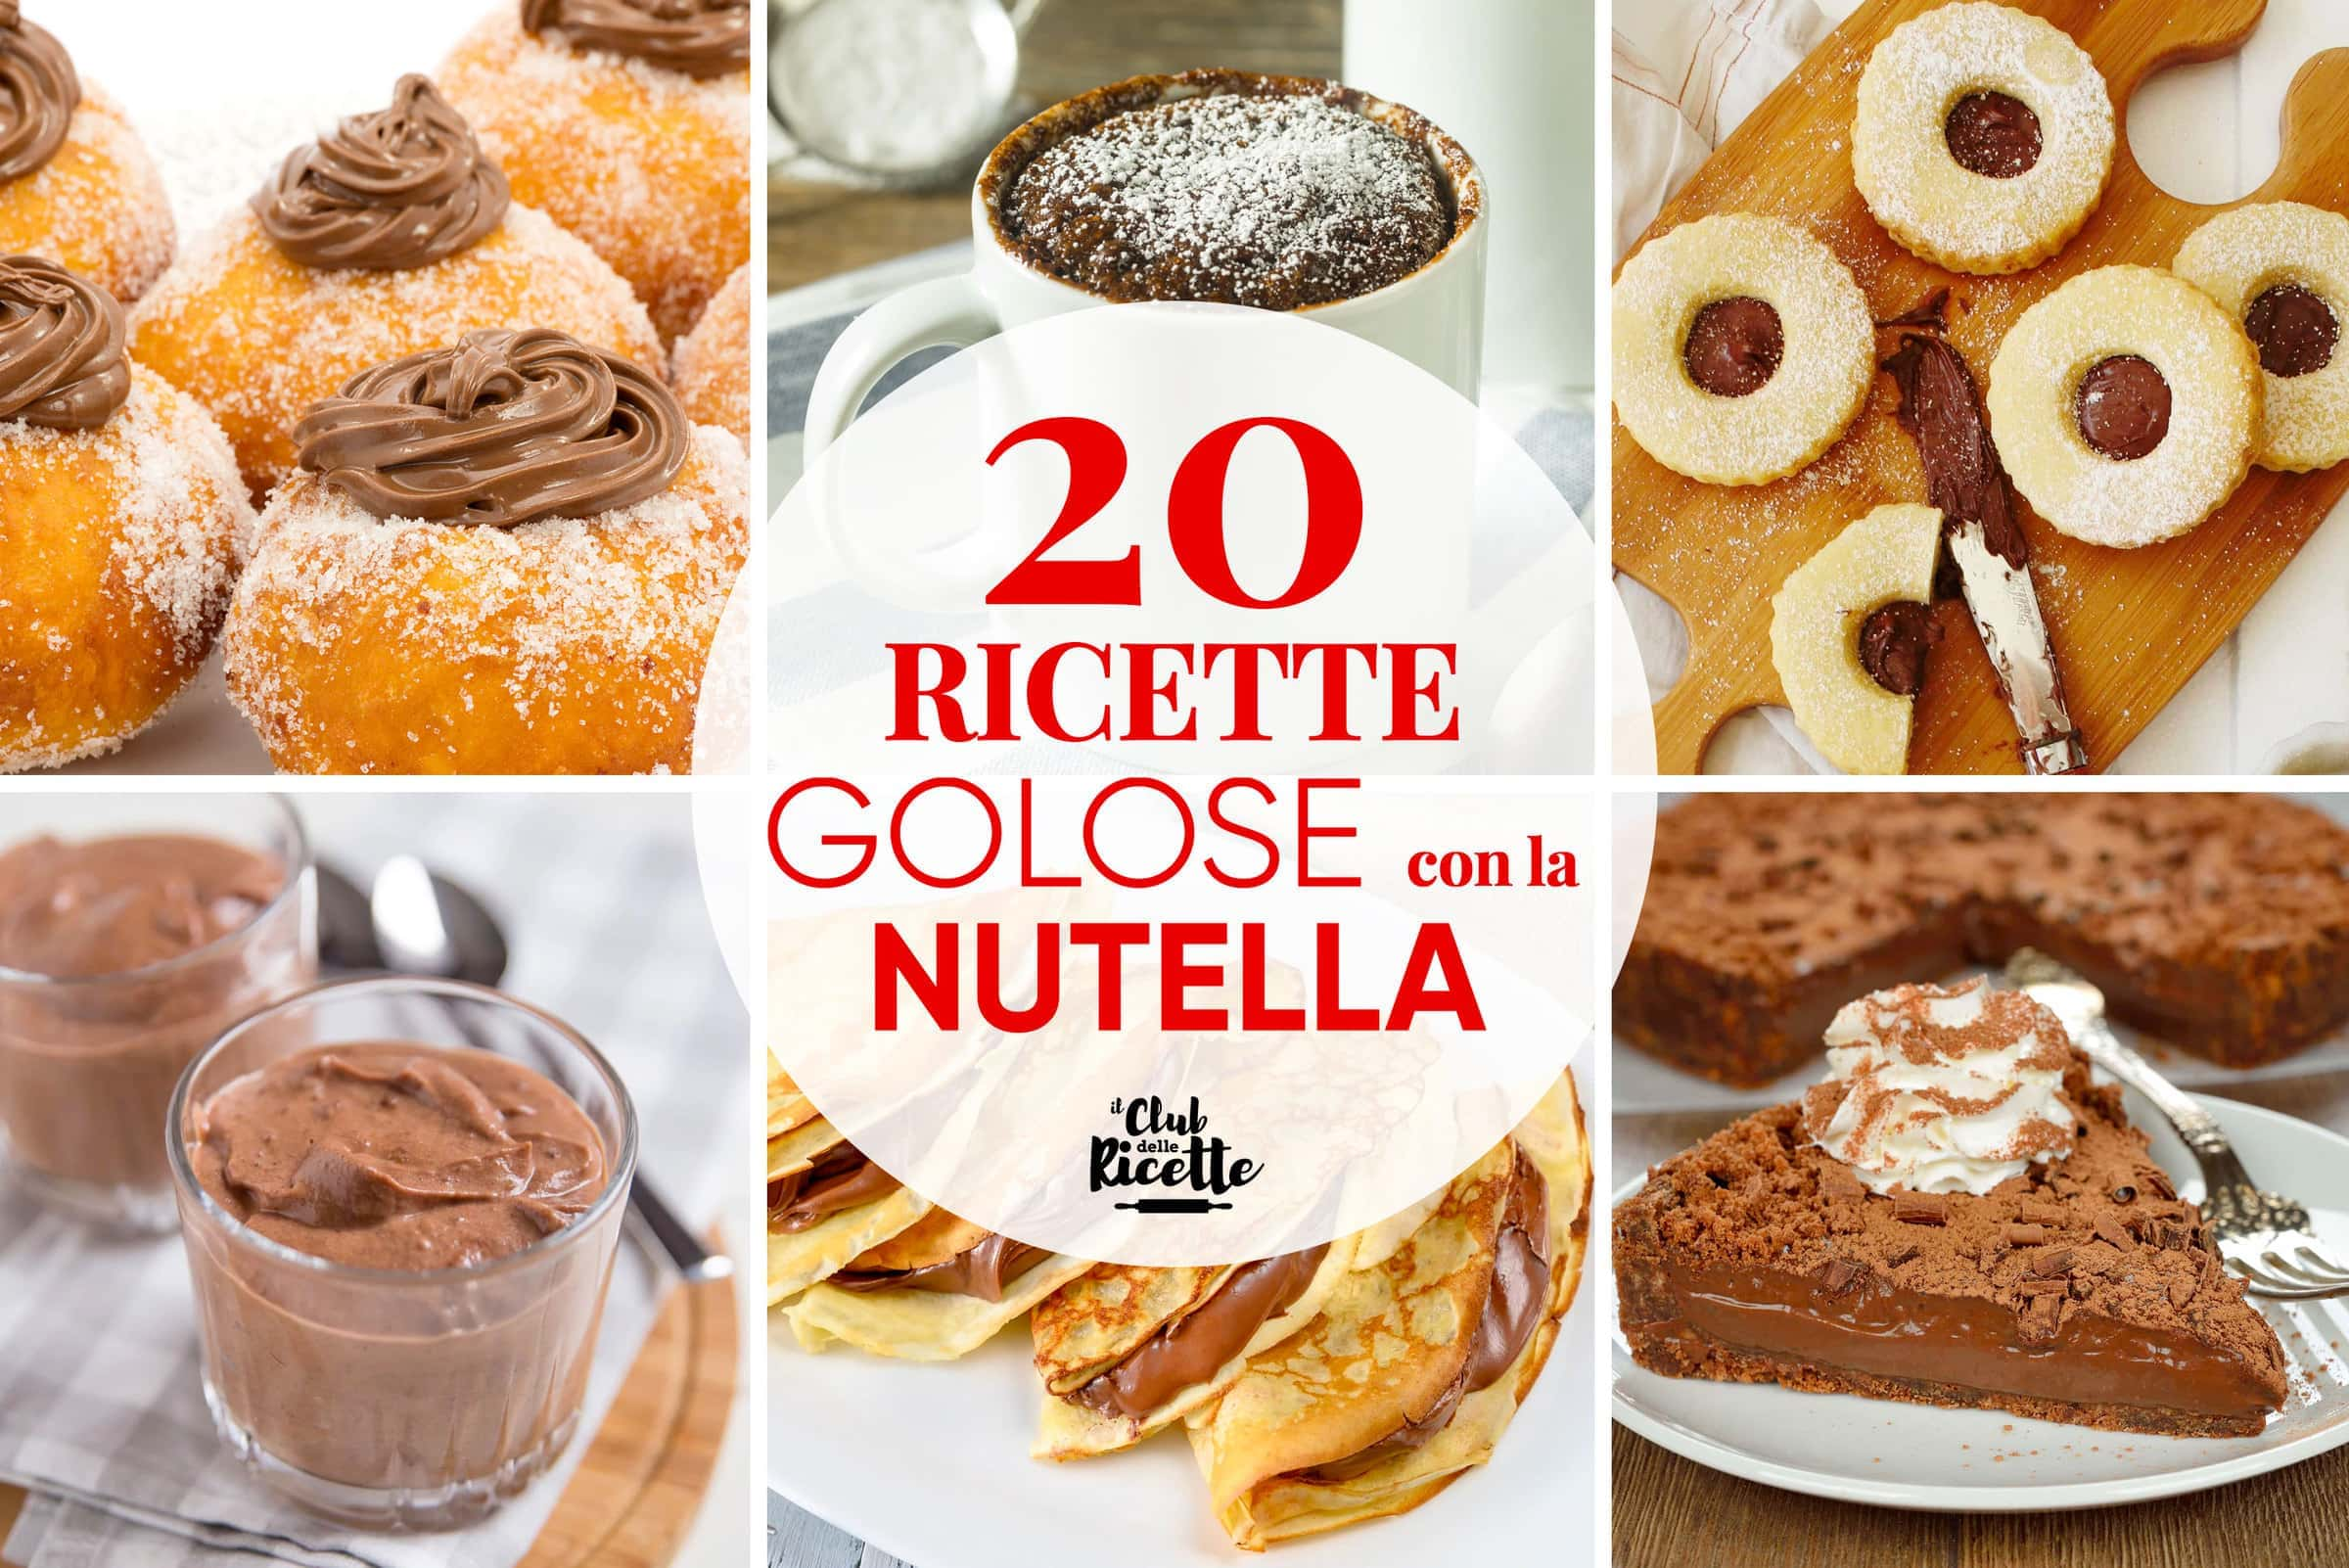 Migliori Ricette Con Nutella